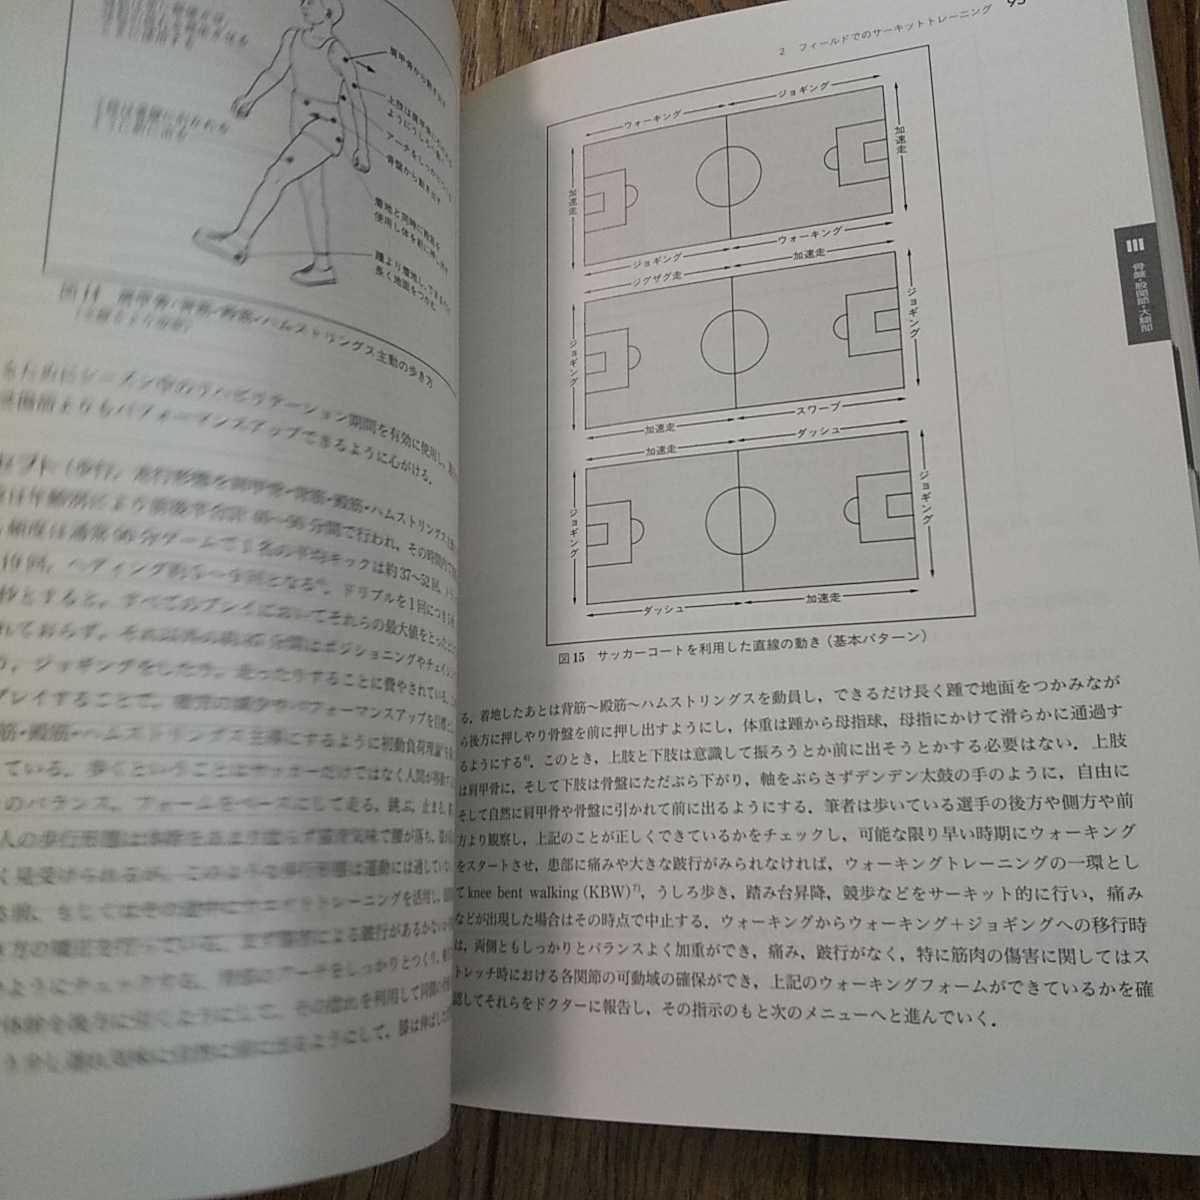 ☆アスレティックリハビリステーション☆アスレチックトレーナー☆スポーツトレーナー☆定価5600円_画像6